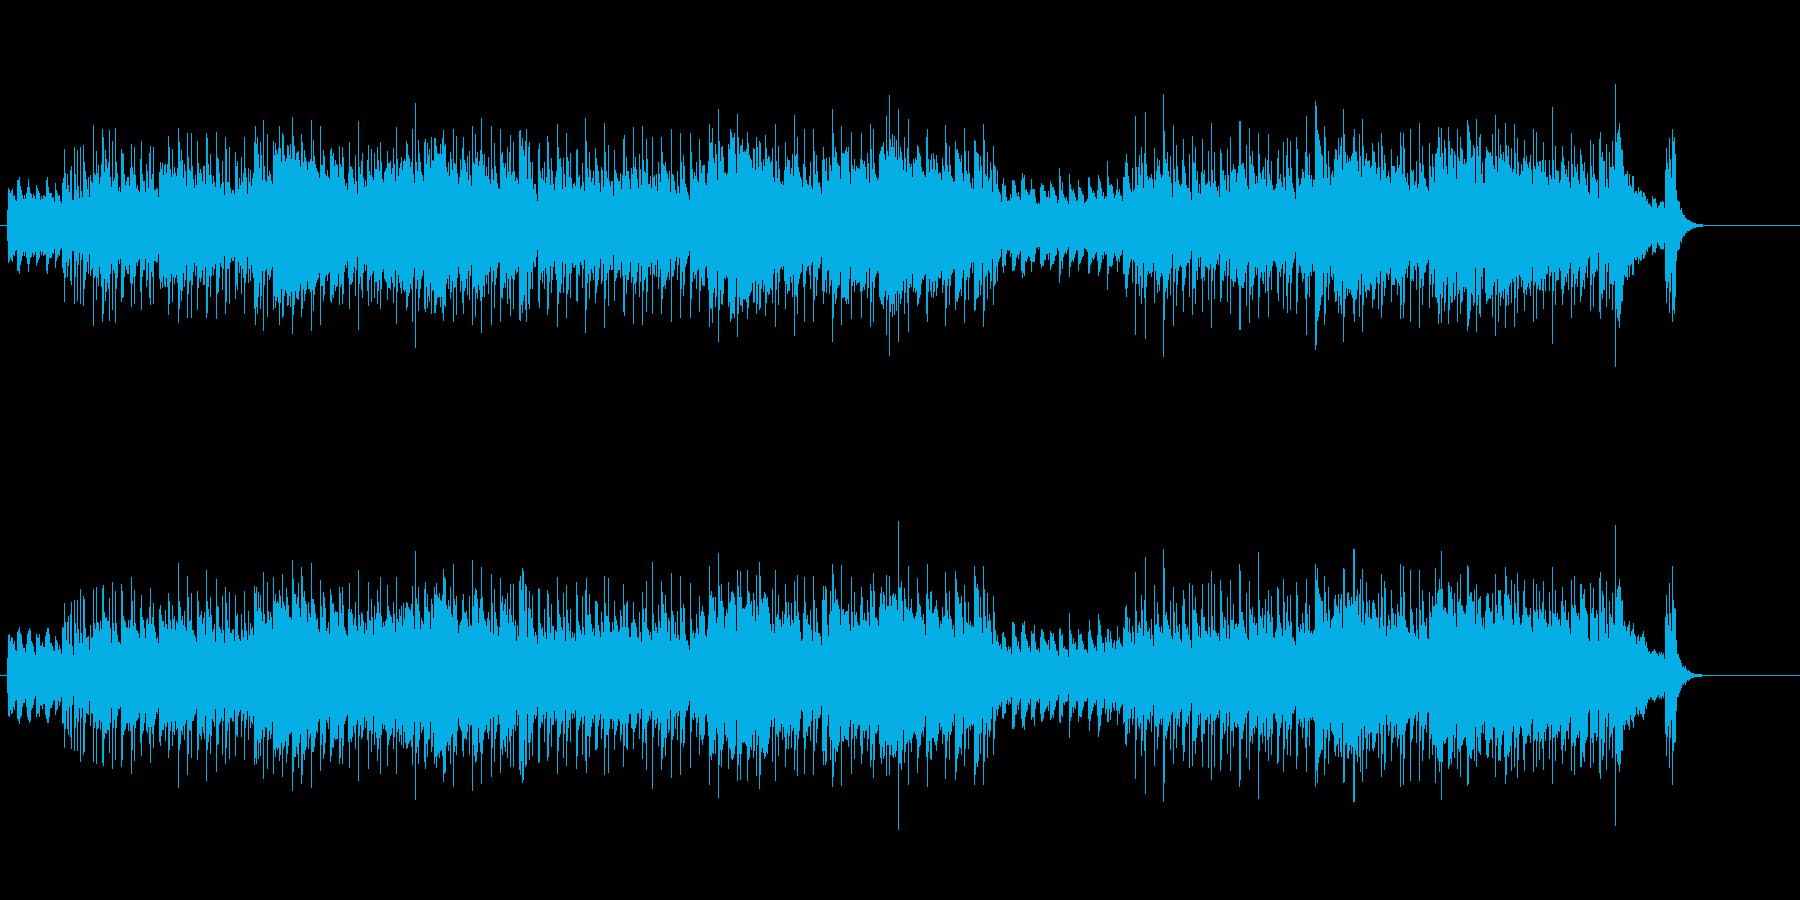 ブラスとピアノによるポップ・アンサンブルの再生済みの波形